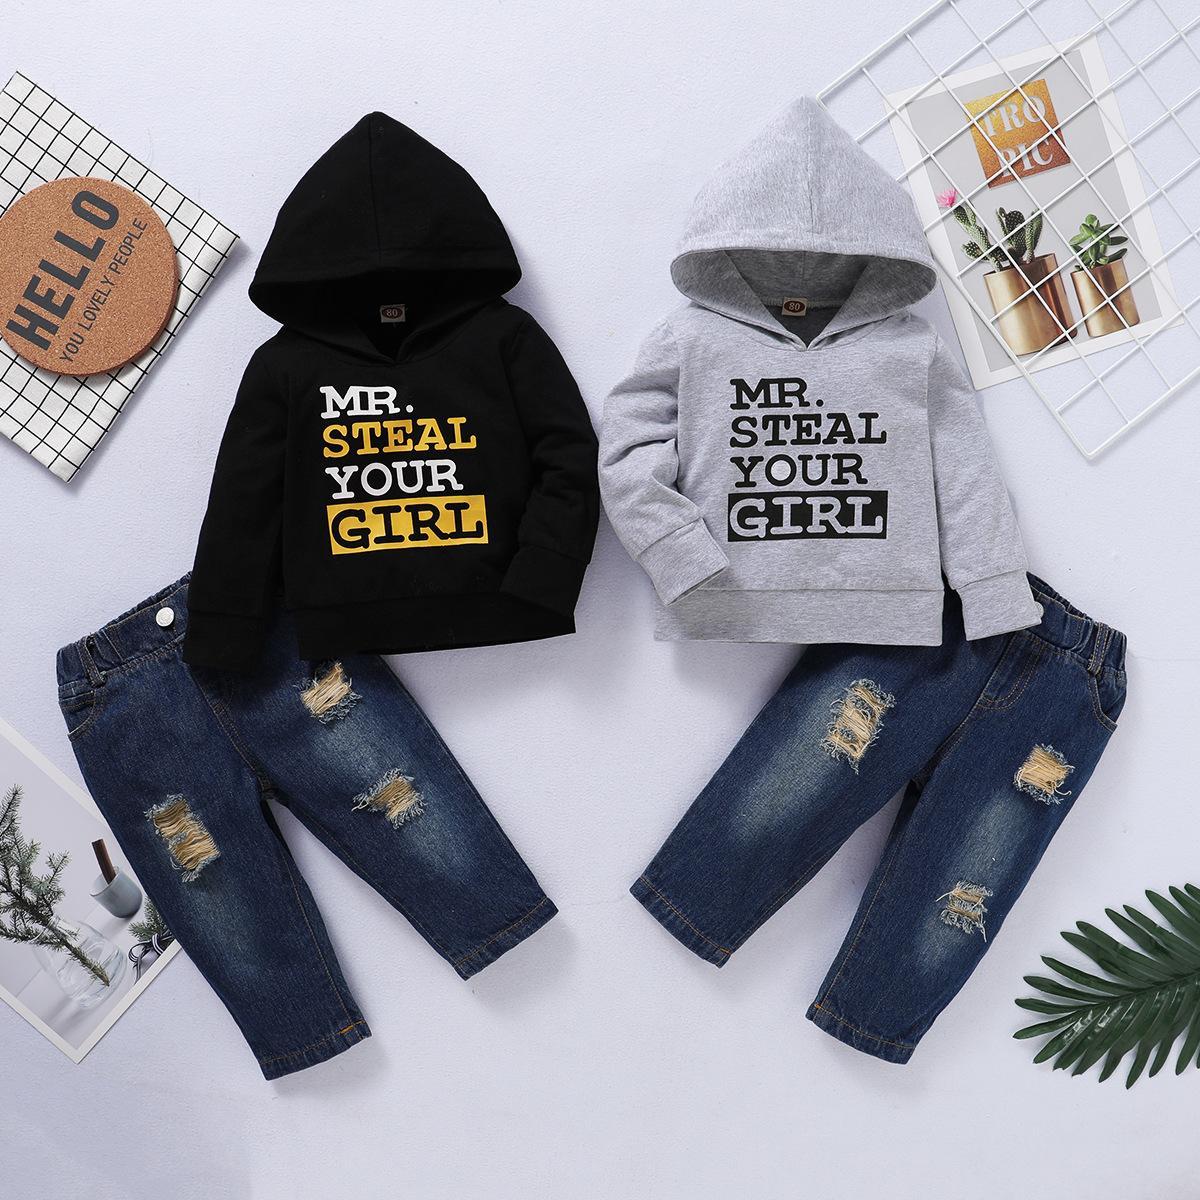 Bébé garçon vêtements garçons designeurs vêtements enfants designer garçons enfants vêtements enfants design vêtements serts chemise